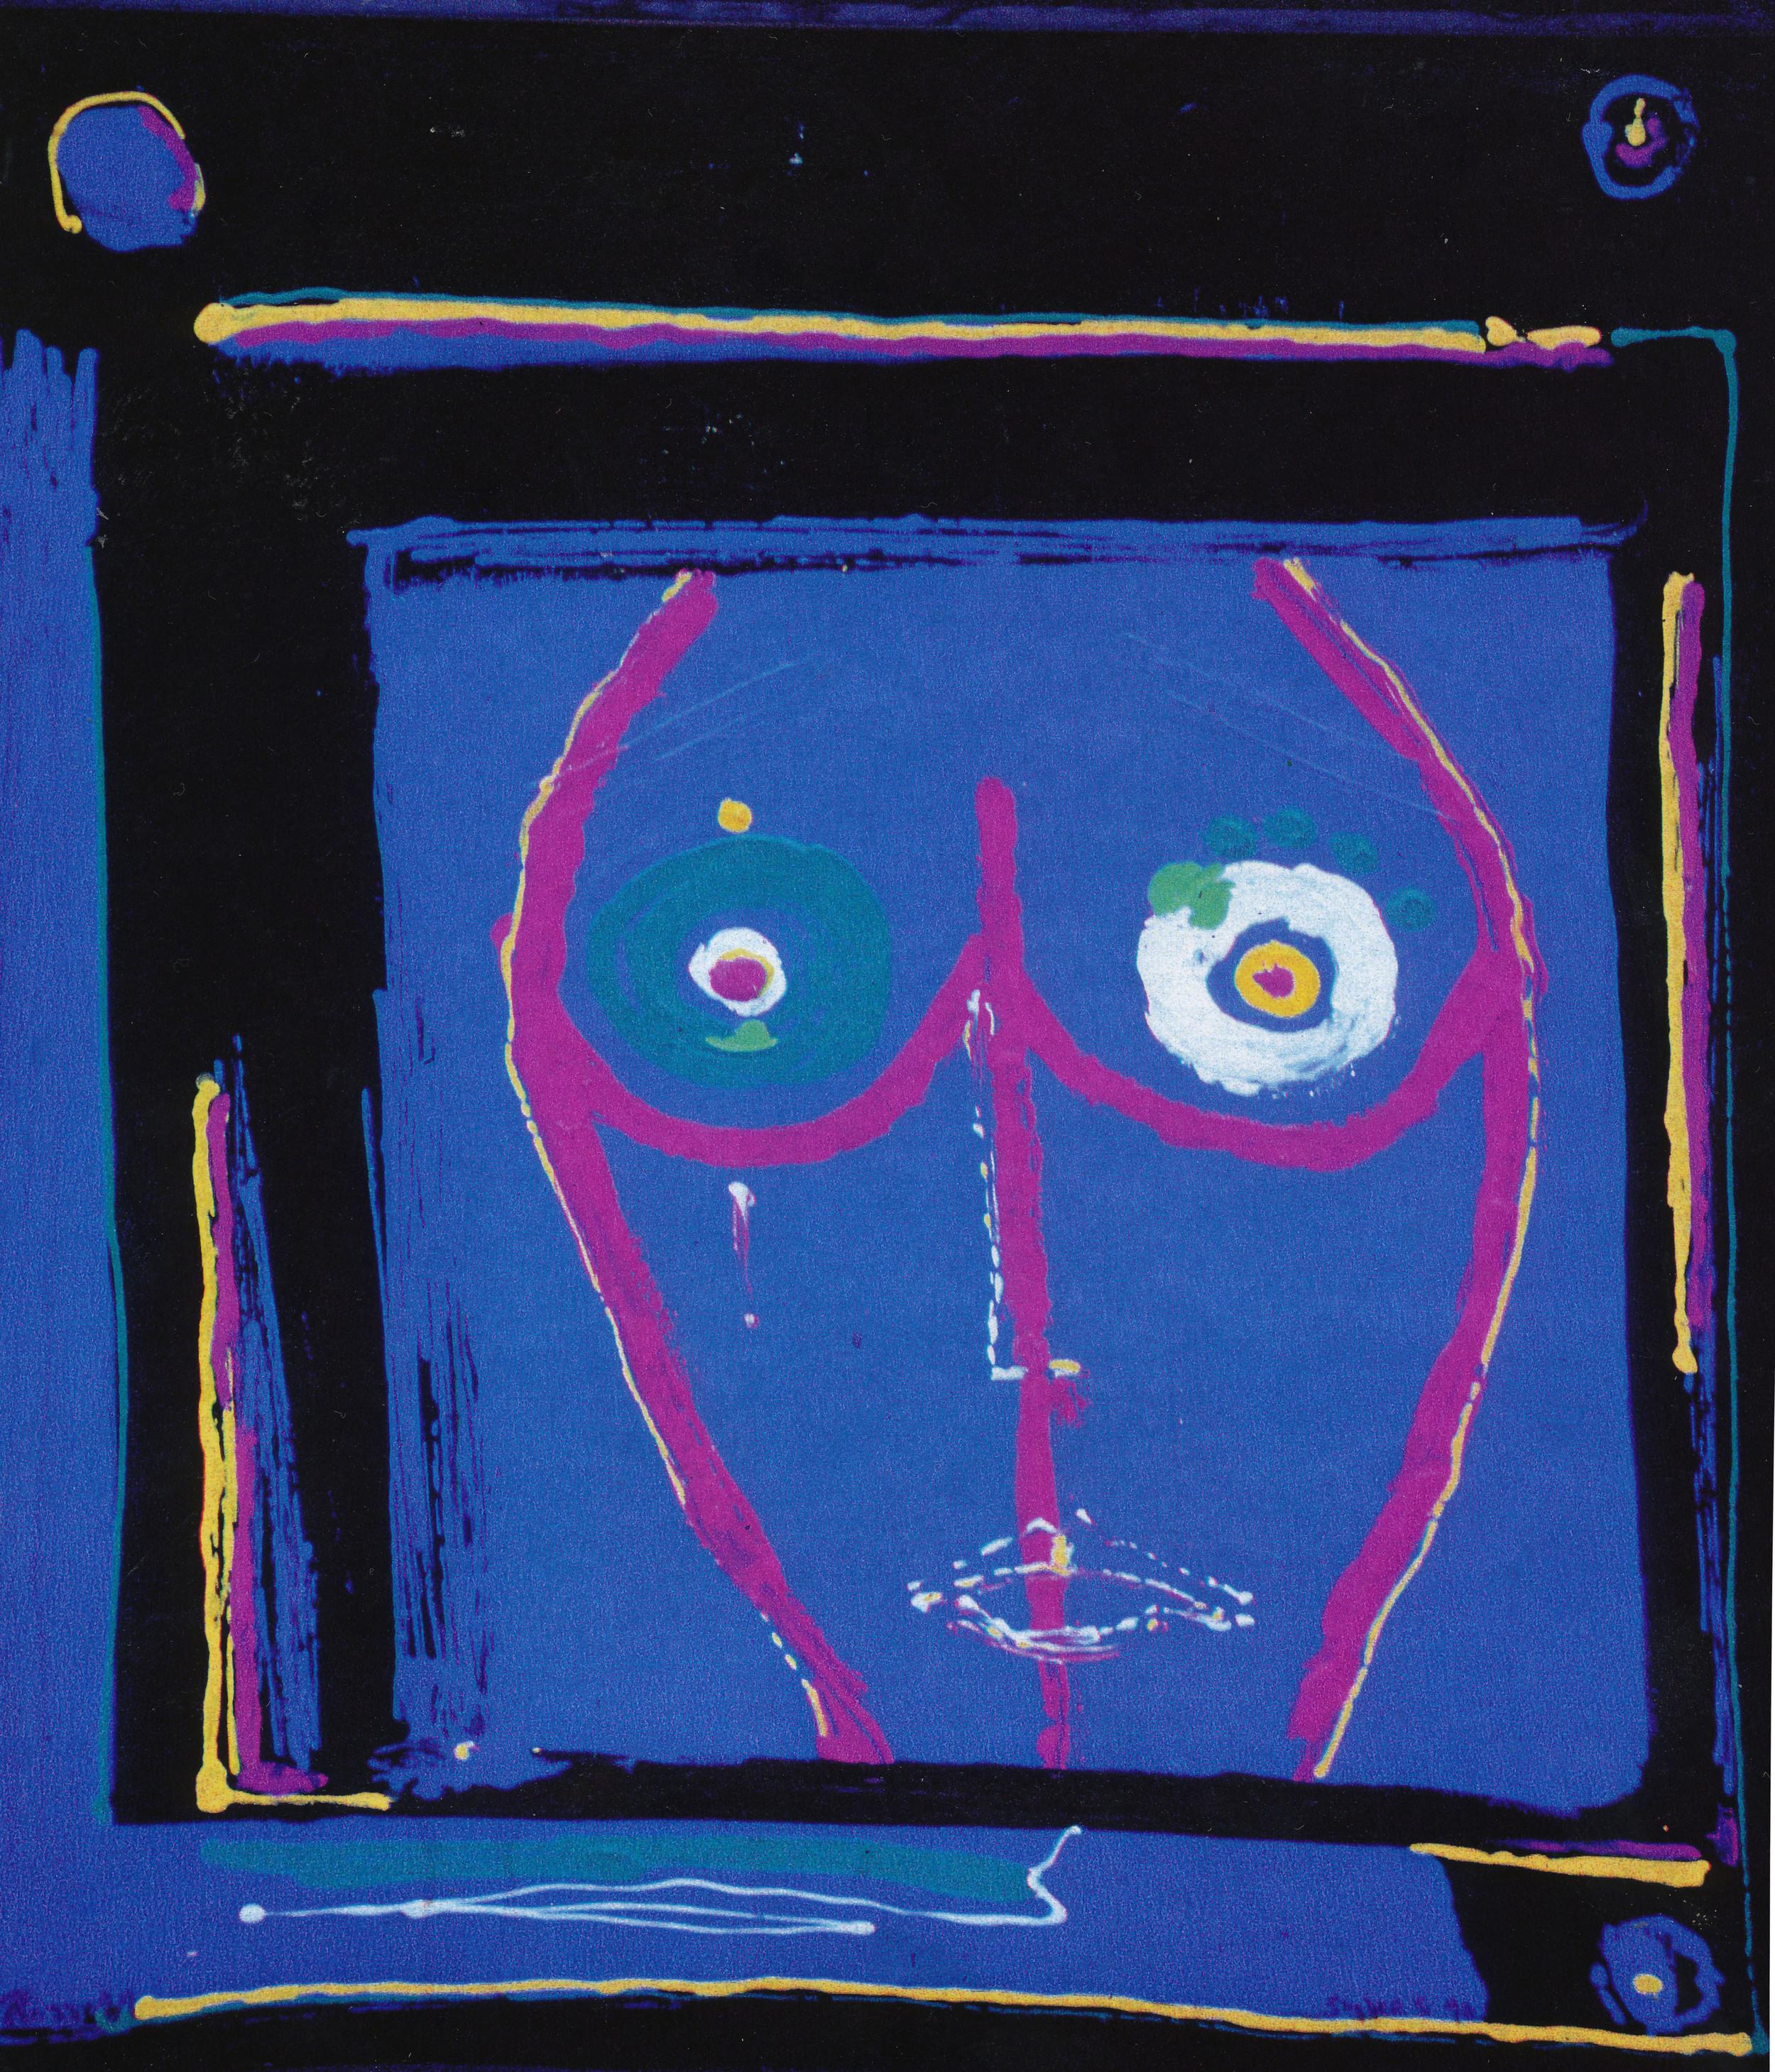 Beam Me Up, 1991